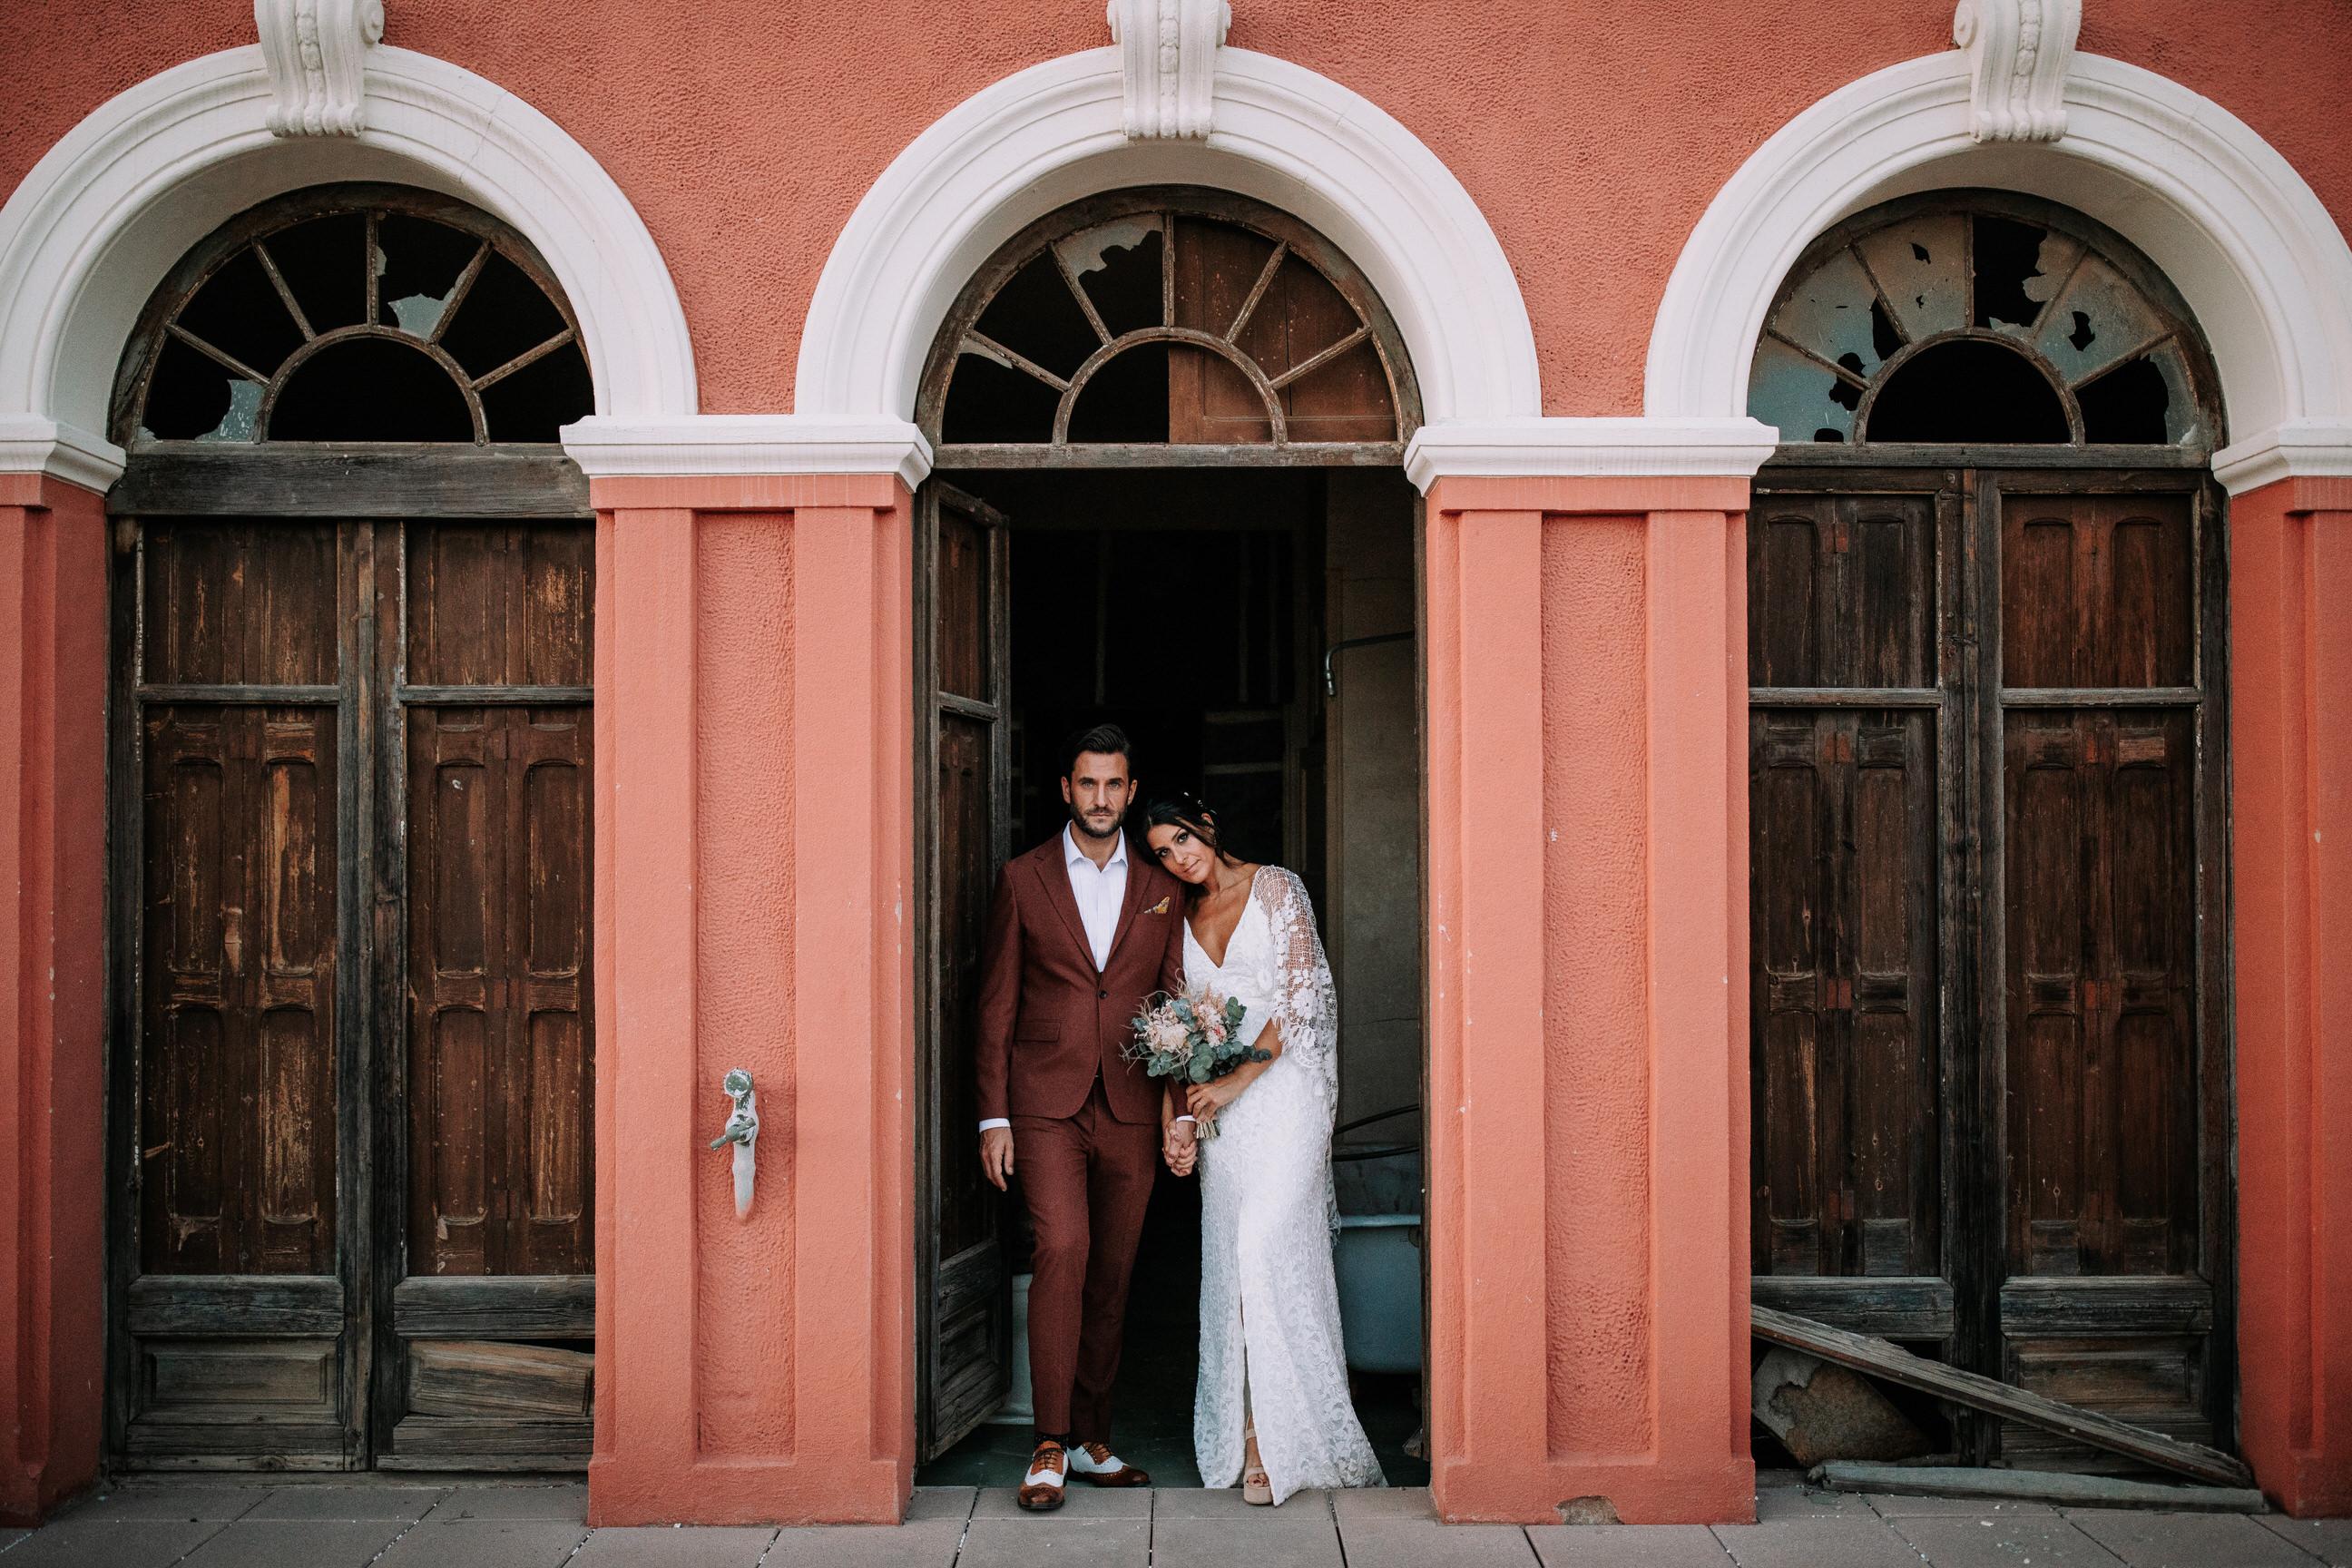 fotografo-de-bodas-en-menorca-y-en-españa-juanlu-rojano